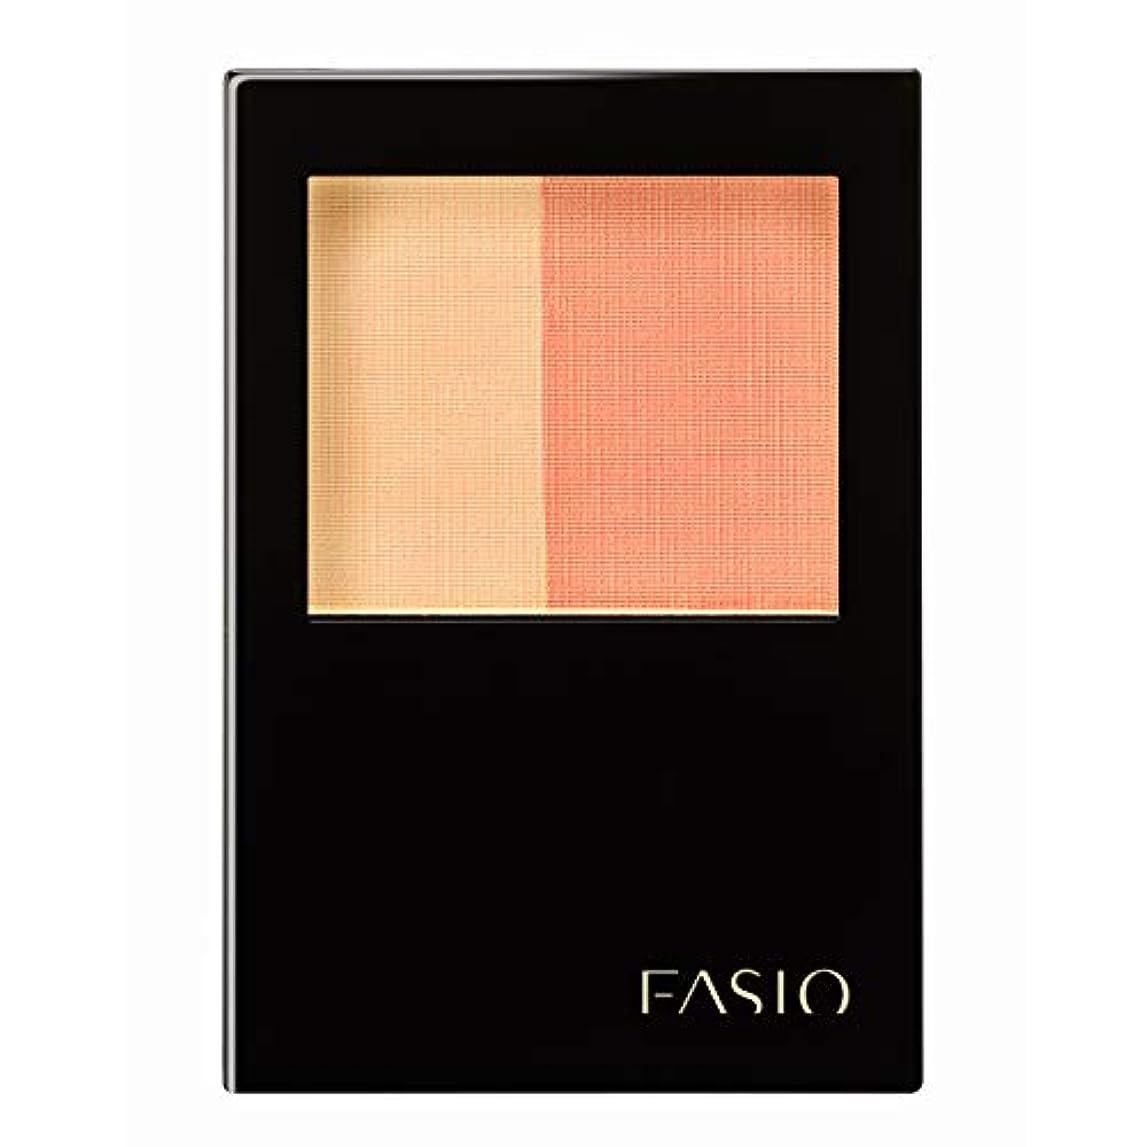 洗剤不正確対人ファシオ ウォータープルーフ チーク オレンジ系 OR-1 4.5g